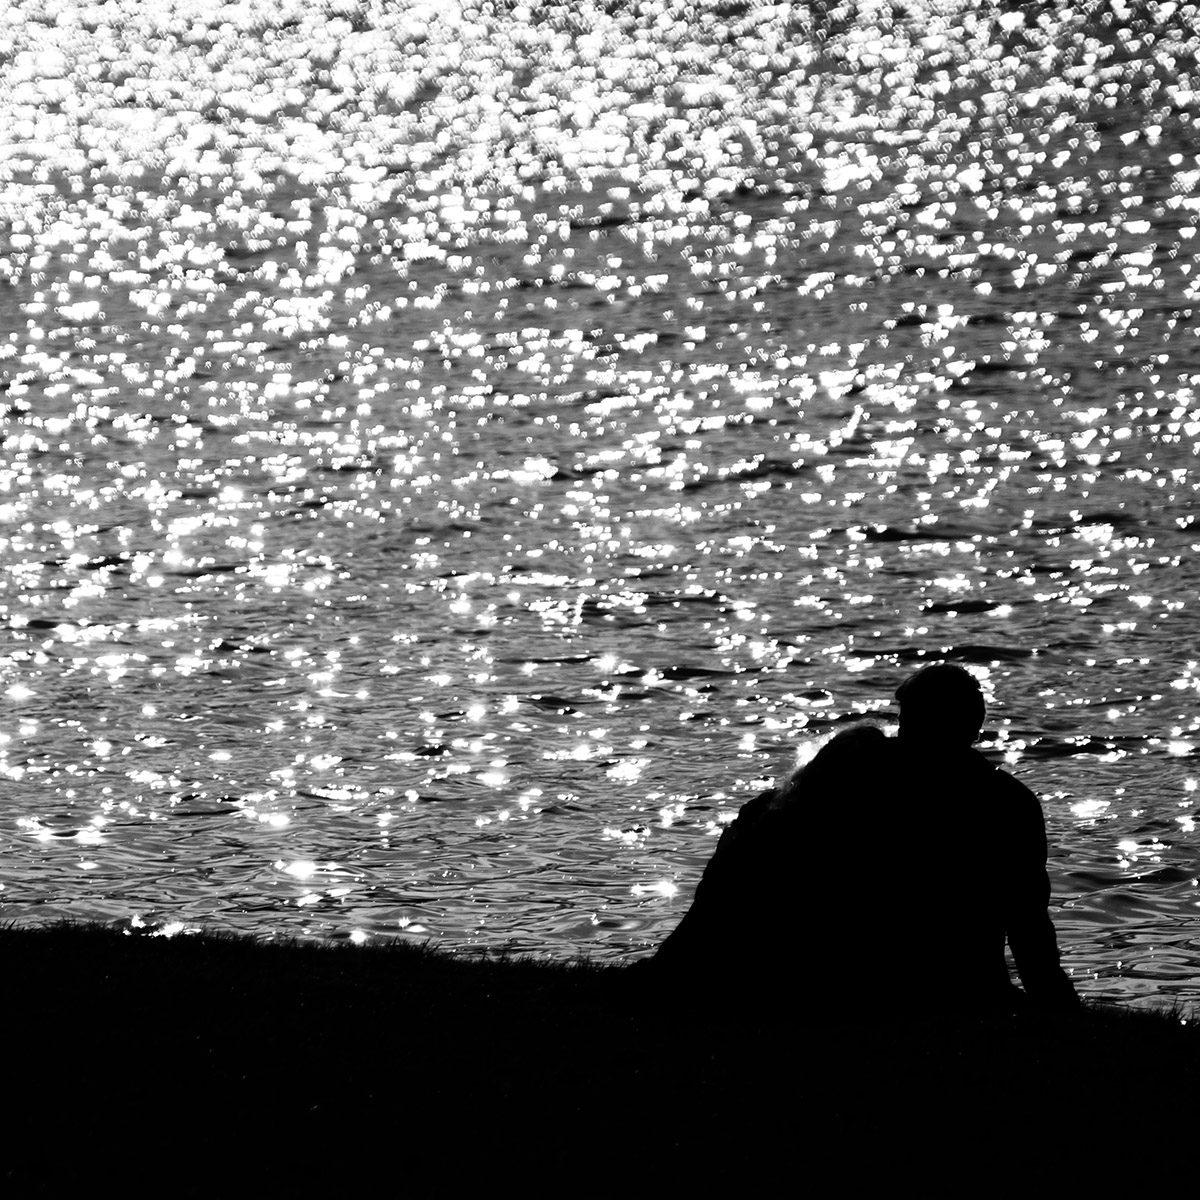 Couple amoureux face aux miroitements du canal du château de Versailles ; silhouette en noir et blanc